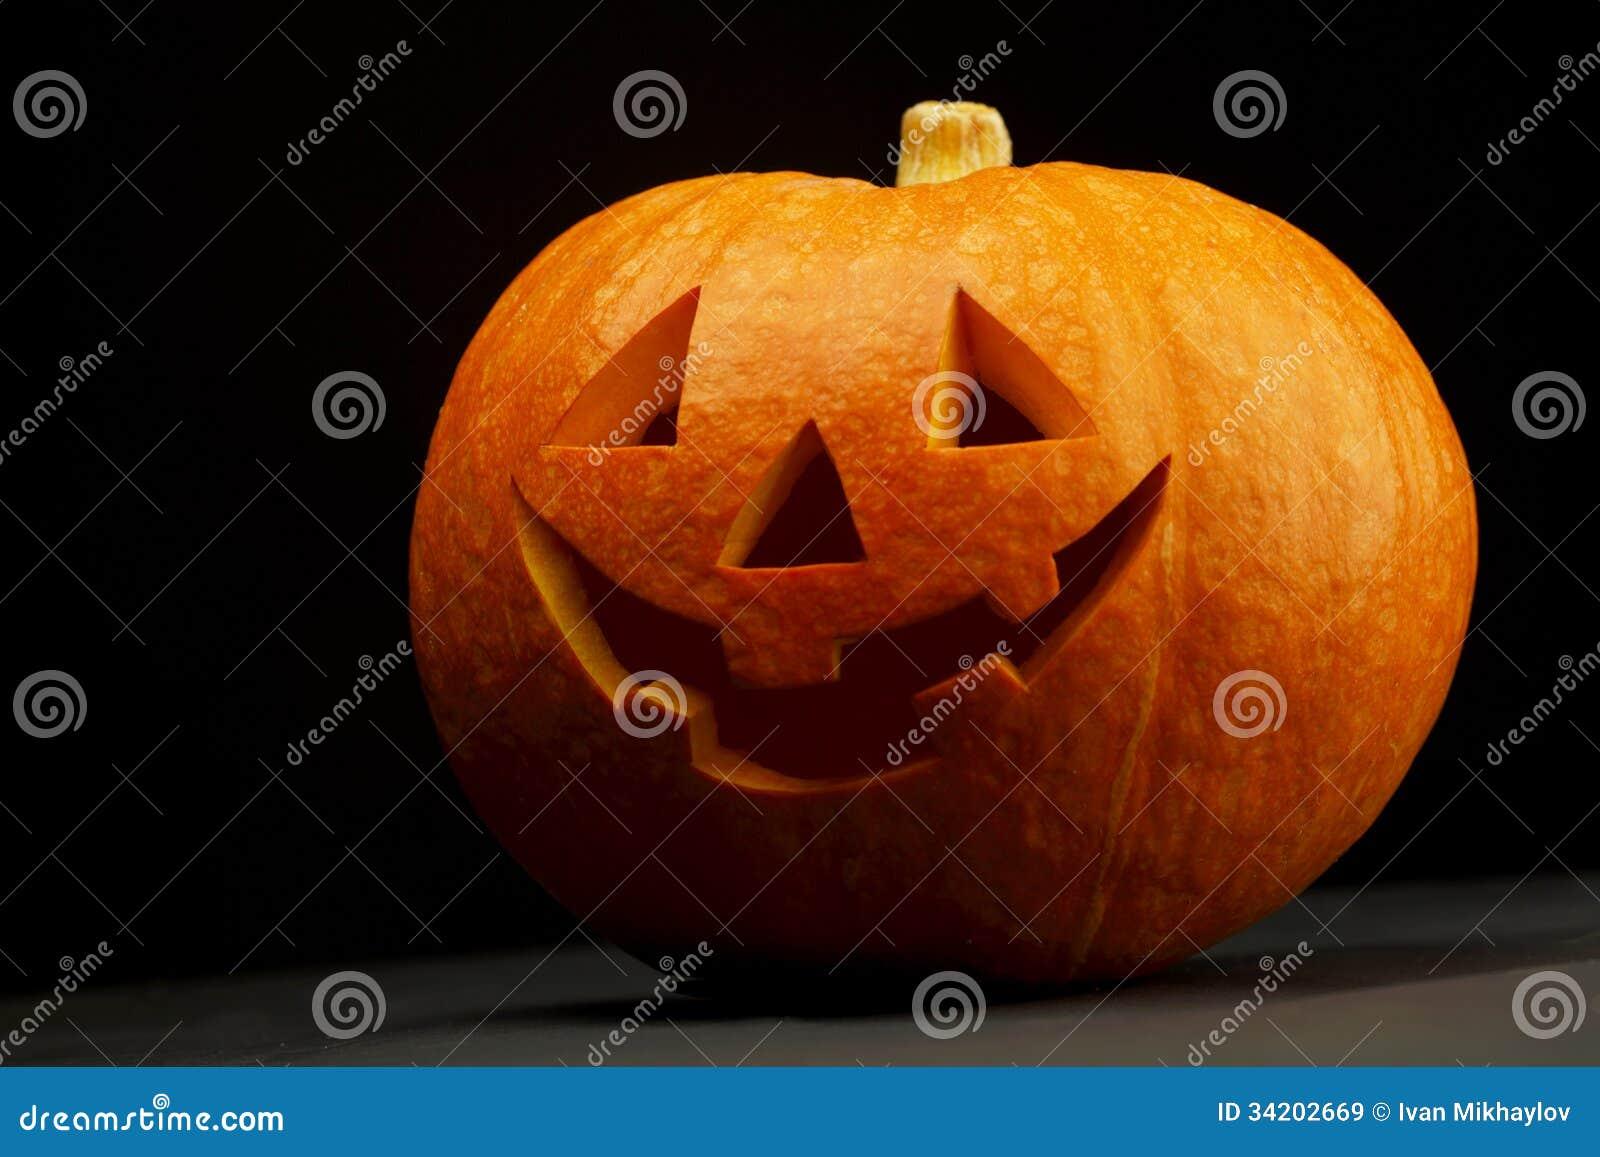 jack o lantern royalty free stock images image 34202669